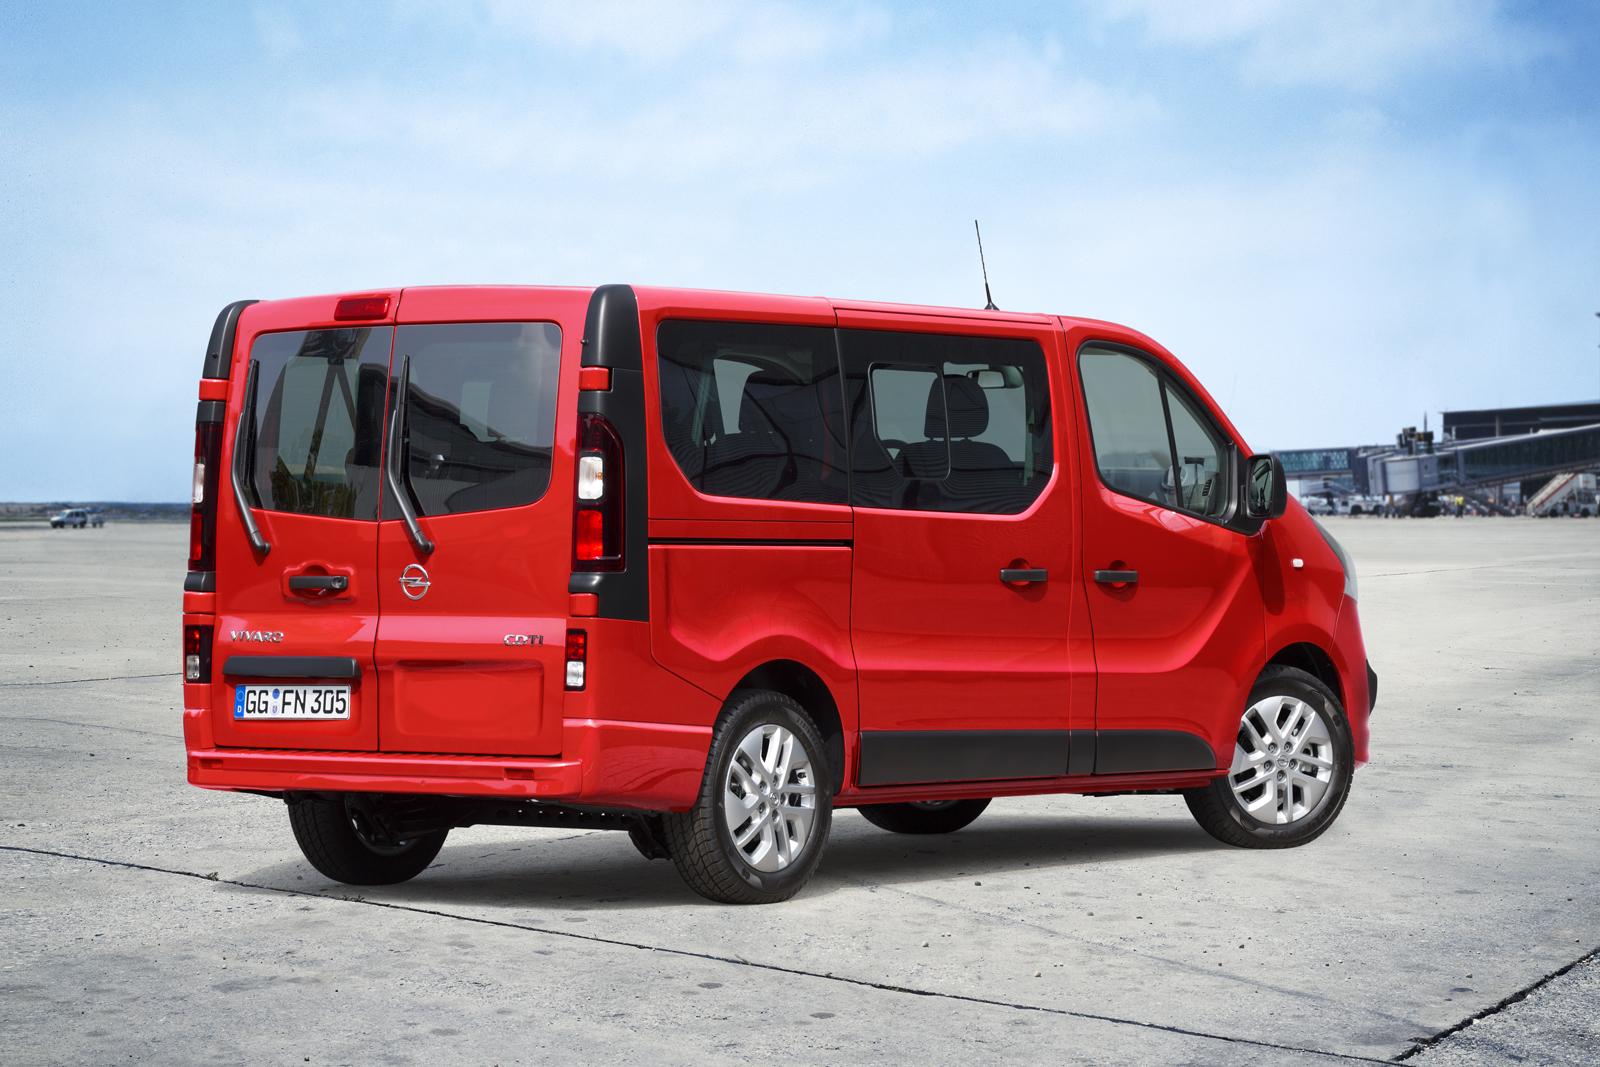 2014 [Renault/Opel/Fiat/Nissan] Trafic/Vivaro/Talento/NV300 - Page 10 Opel-Vivaro-Combi-2